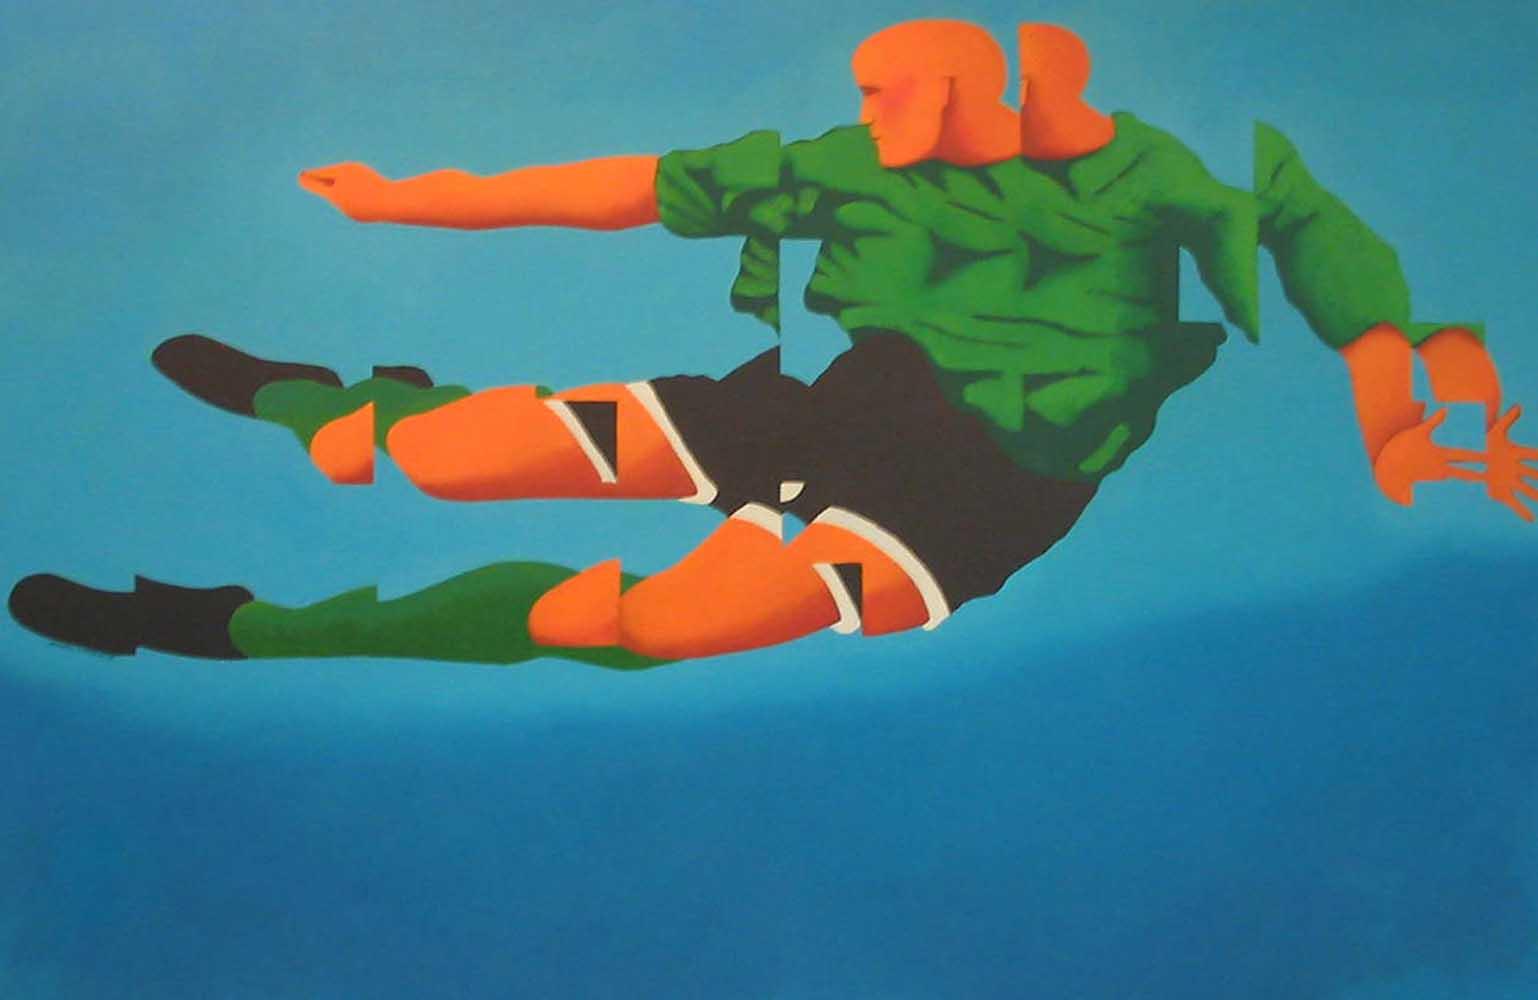 2002, fragmentação 16 Futebol óleo/tela 80x120cm